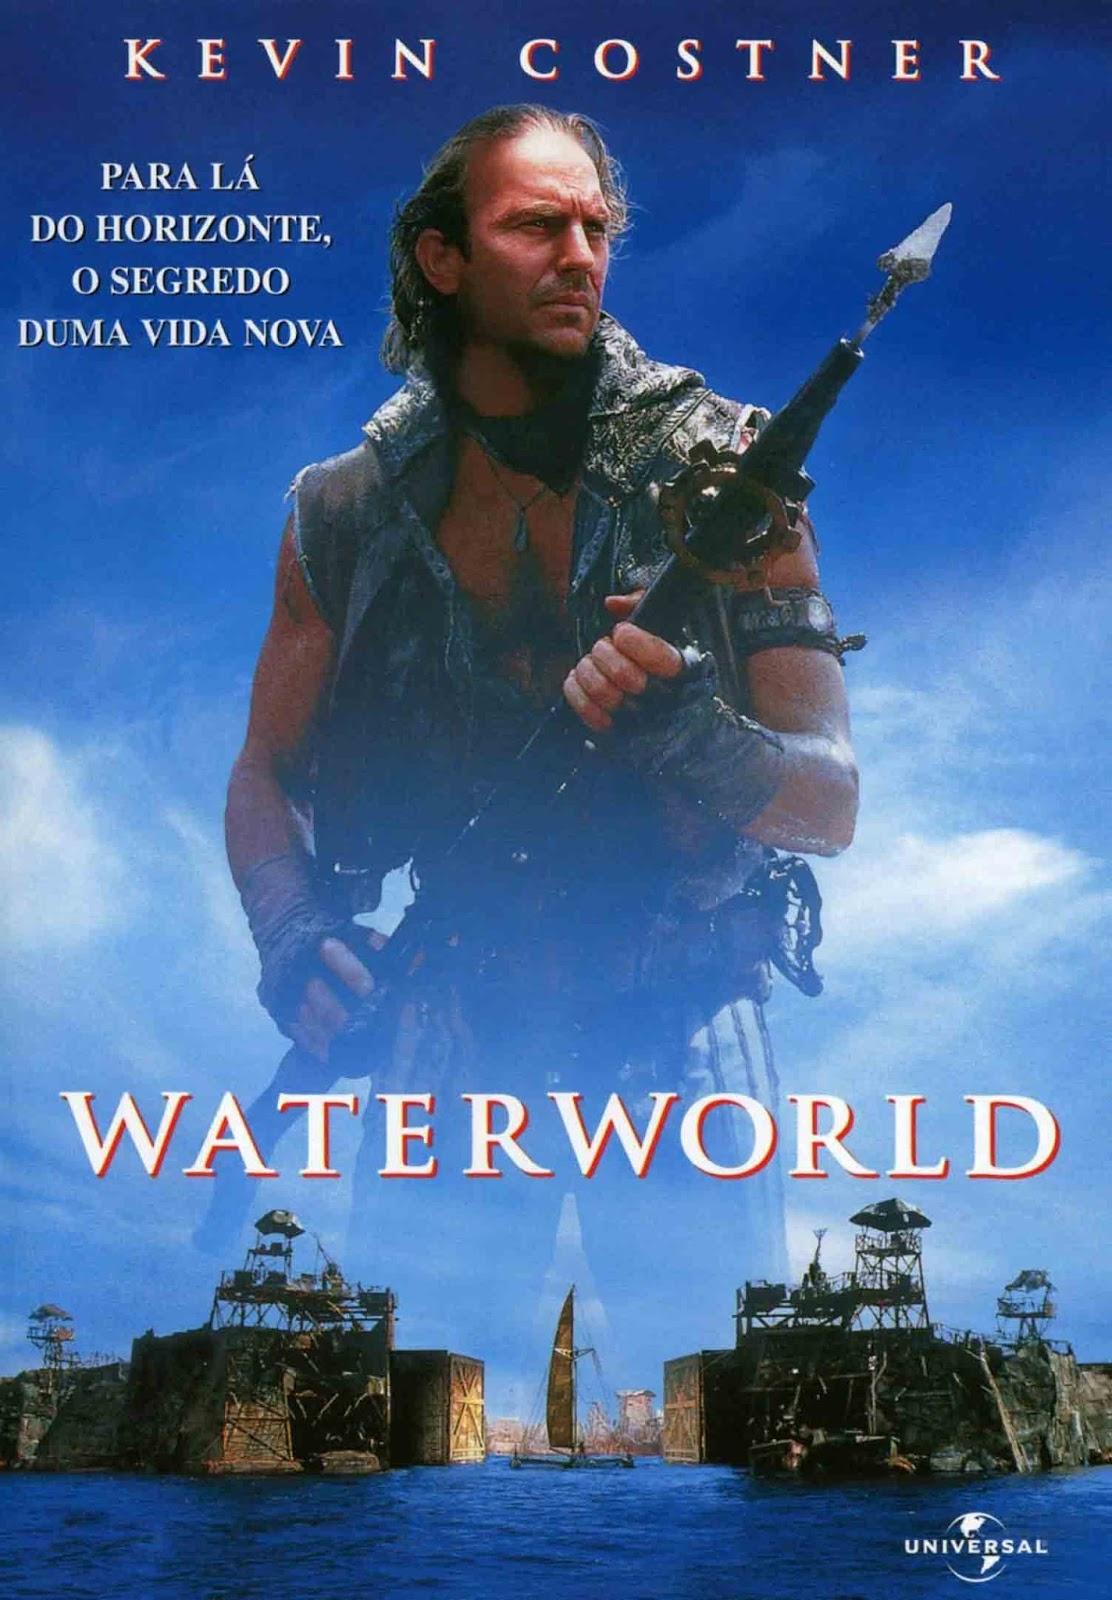 Waterworld: O Segredo das Águas Torrent - Blu-ray Rip 720p Dublado (1995)